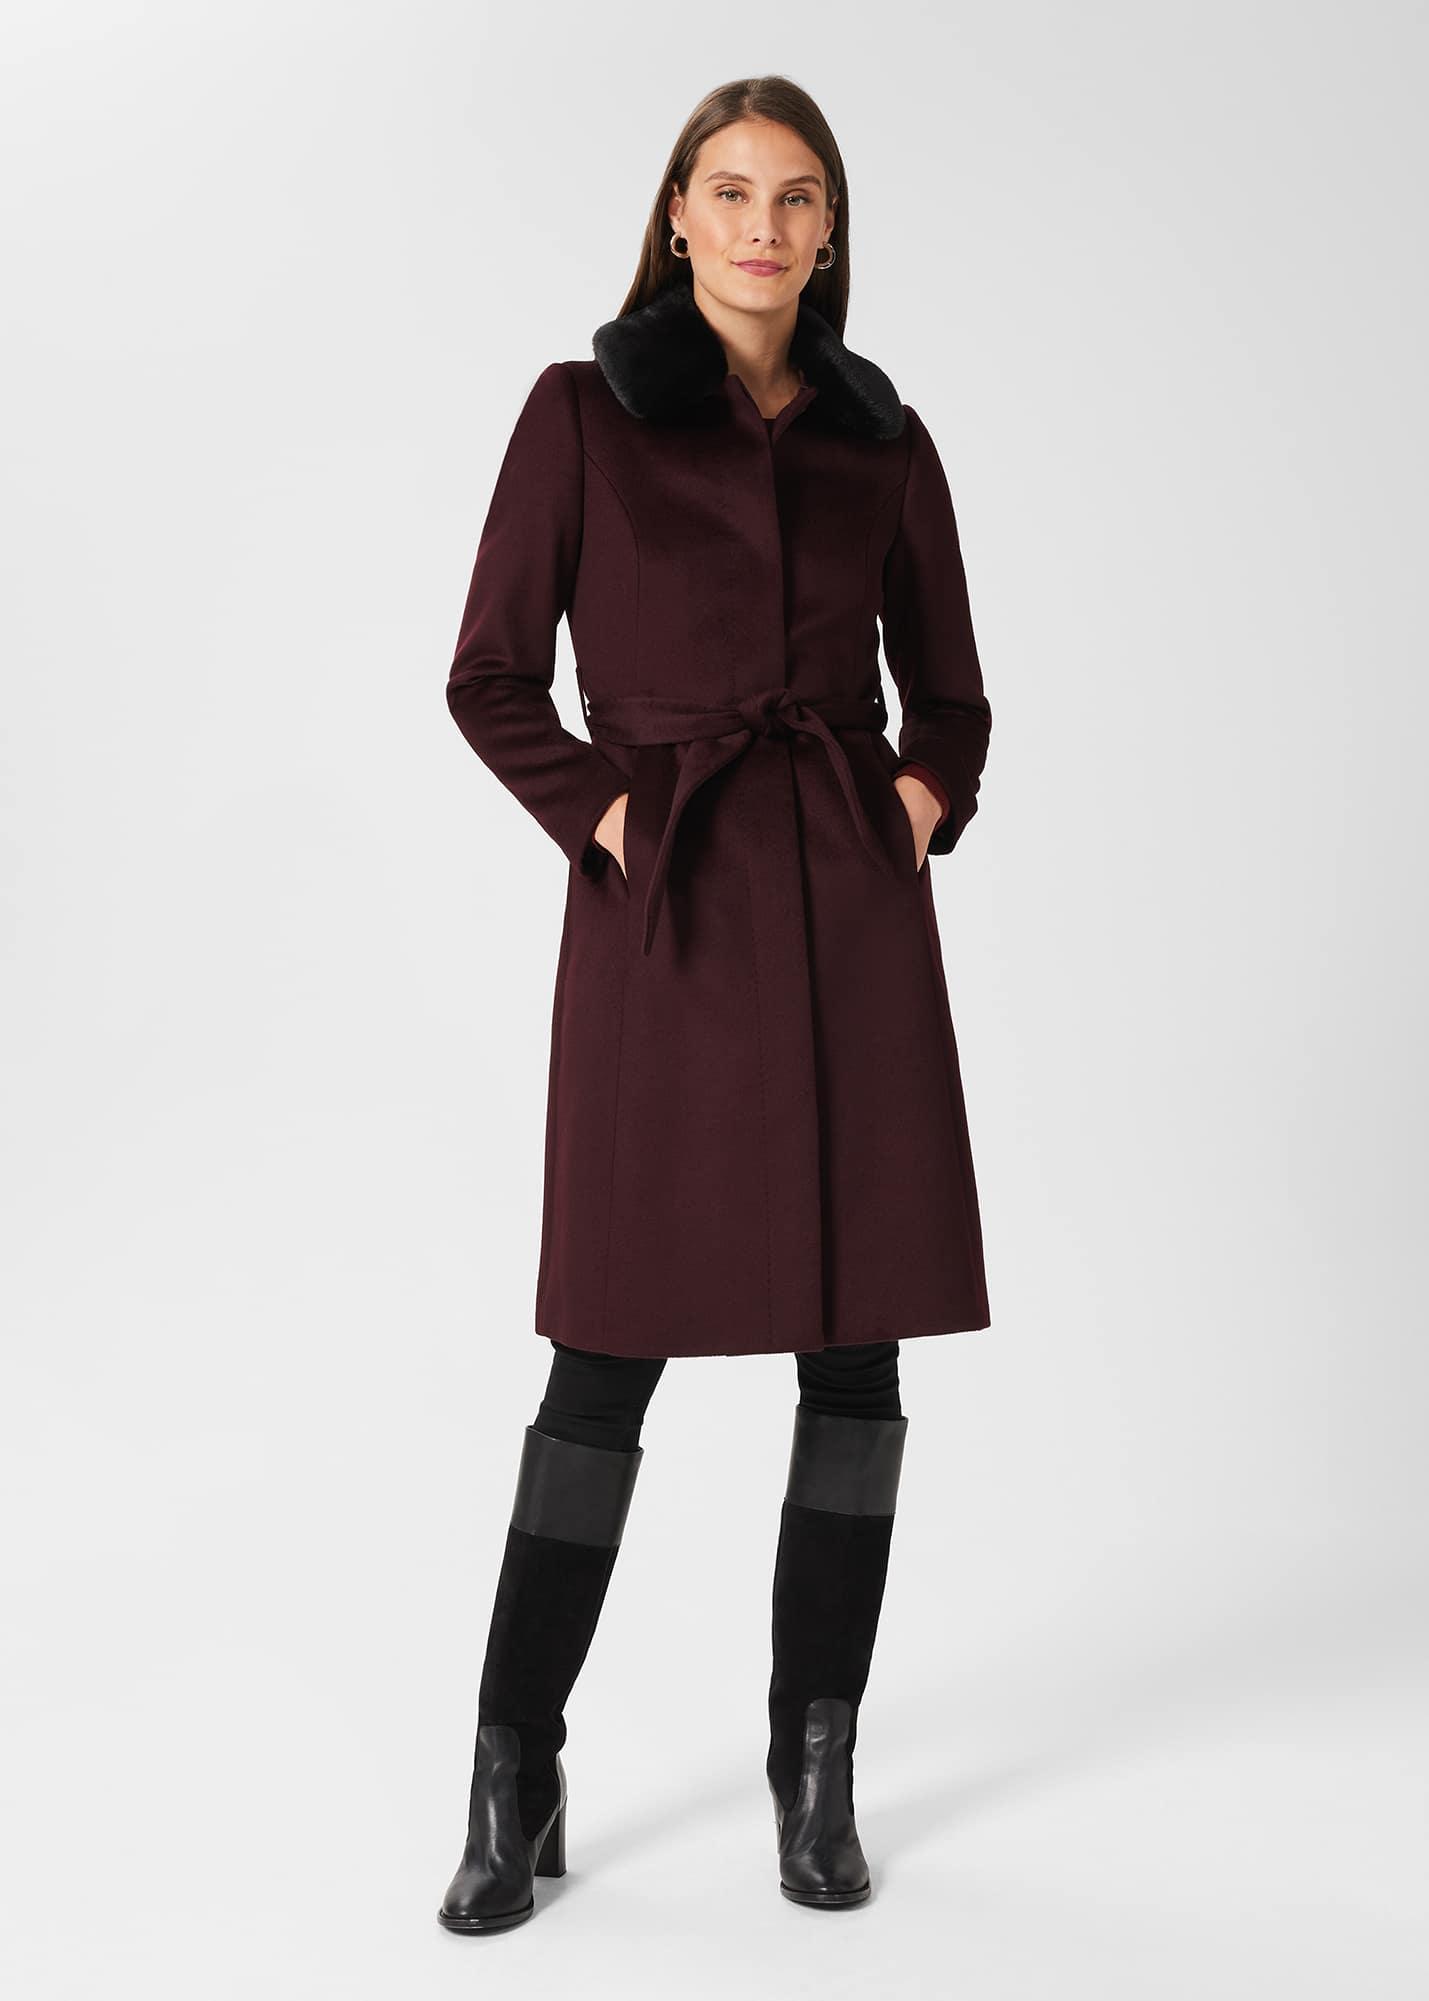 Hobbs Women Edeline Wool Coat With Faux Fur Collar